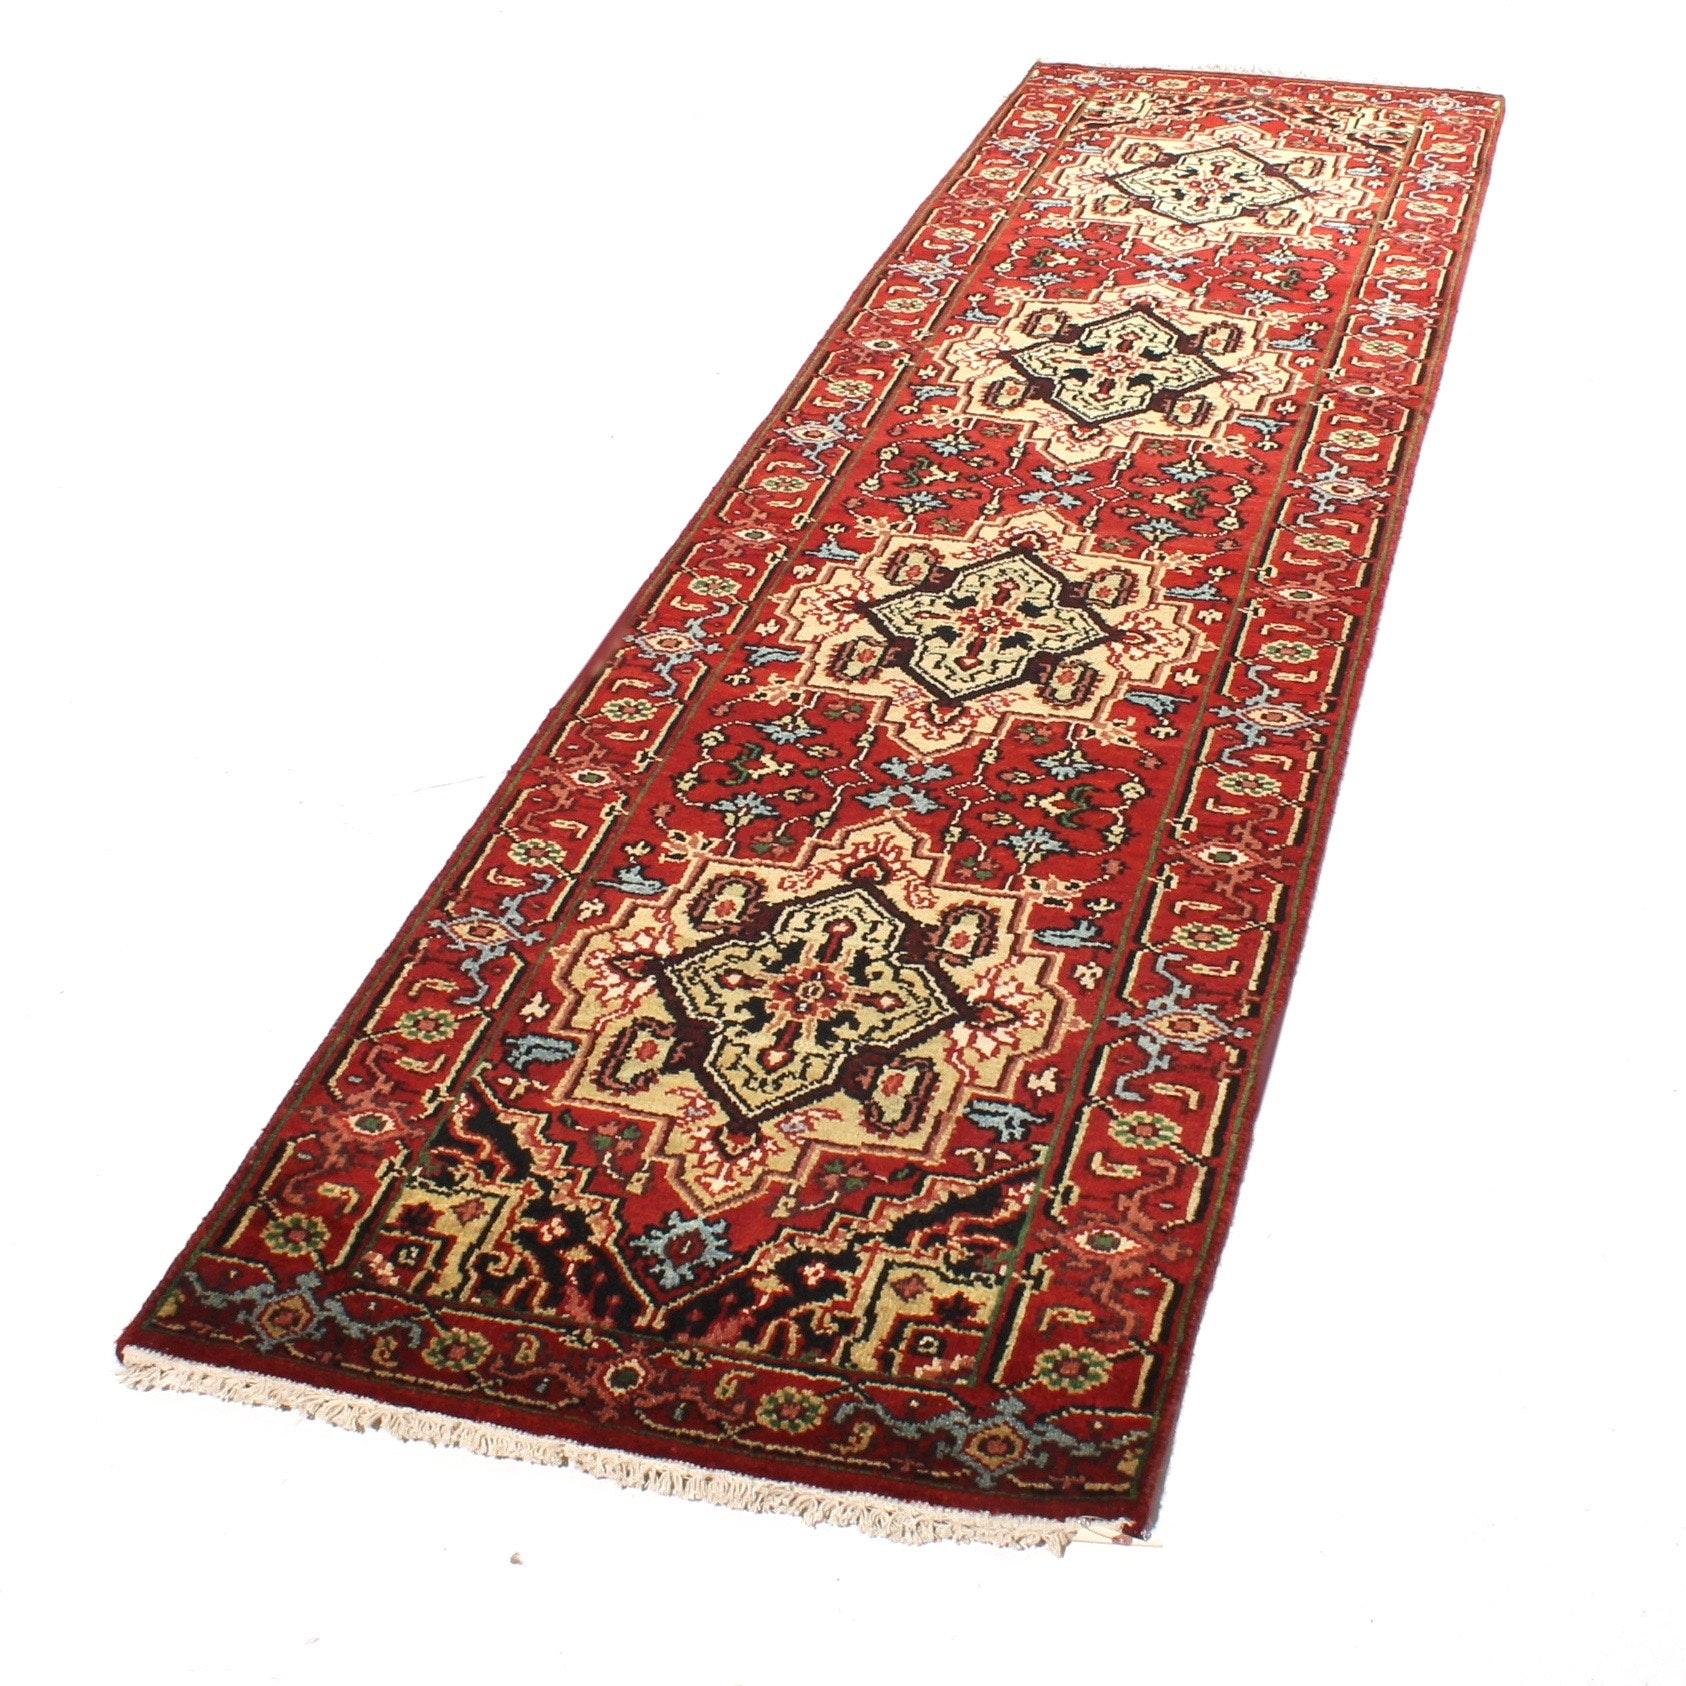 2'7 x 10'3 Hand-Knotted Persian Bakhshayesh Heriz Rug